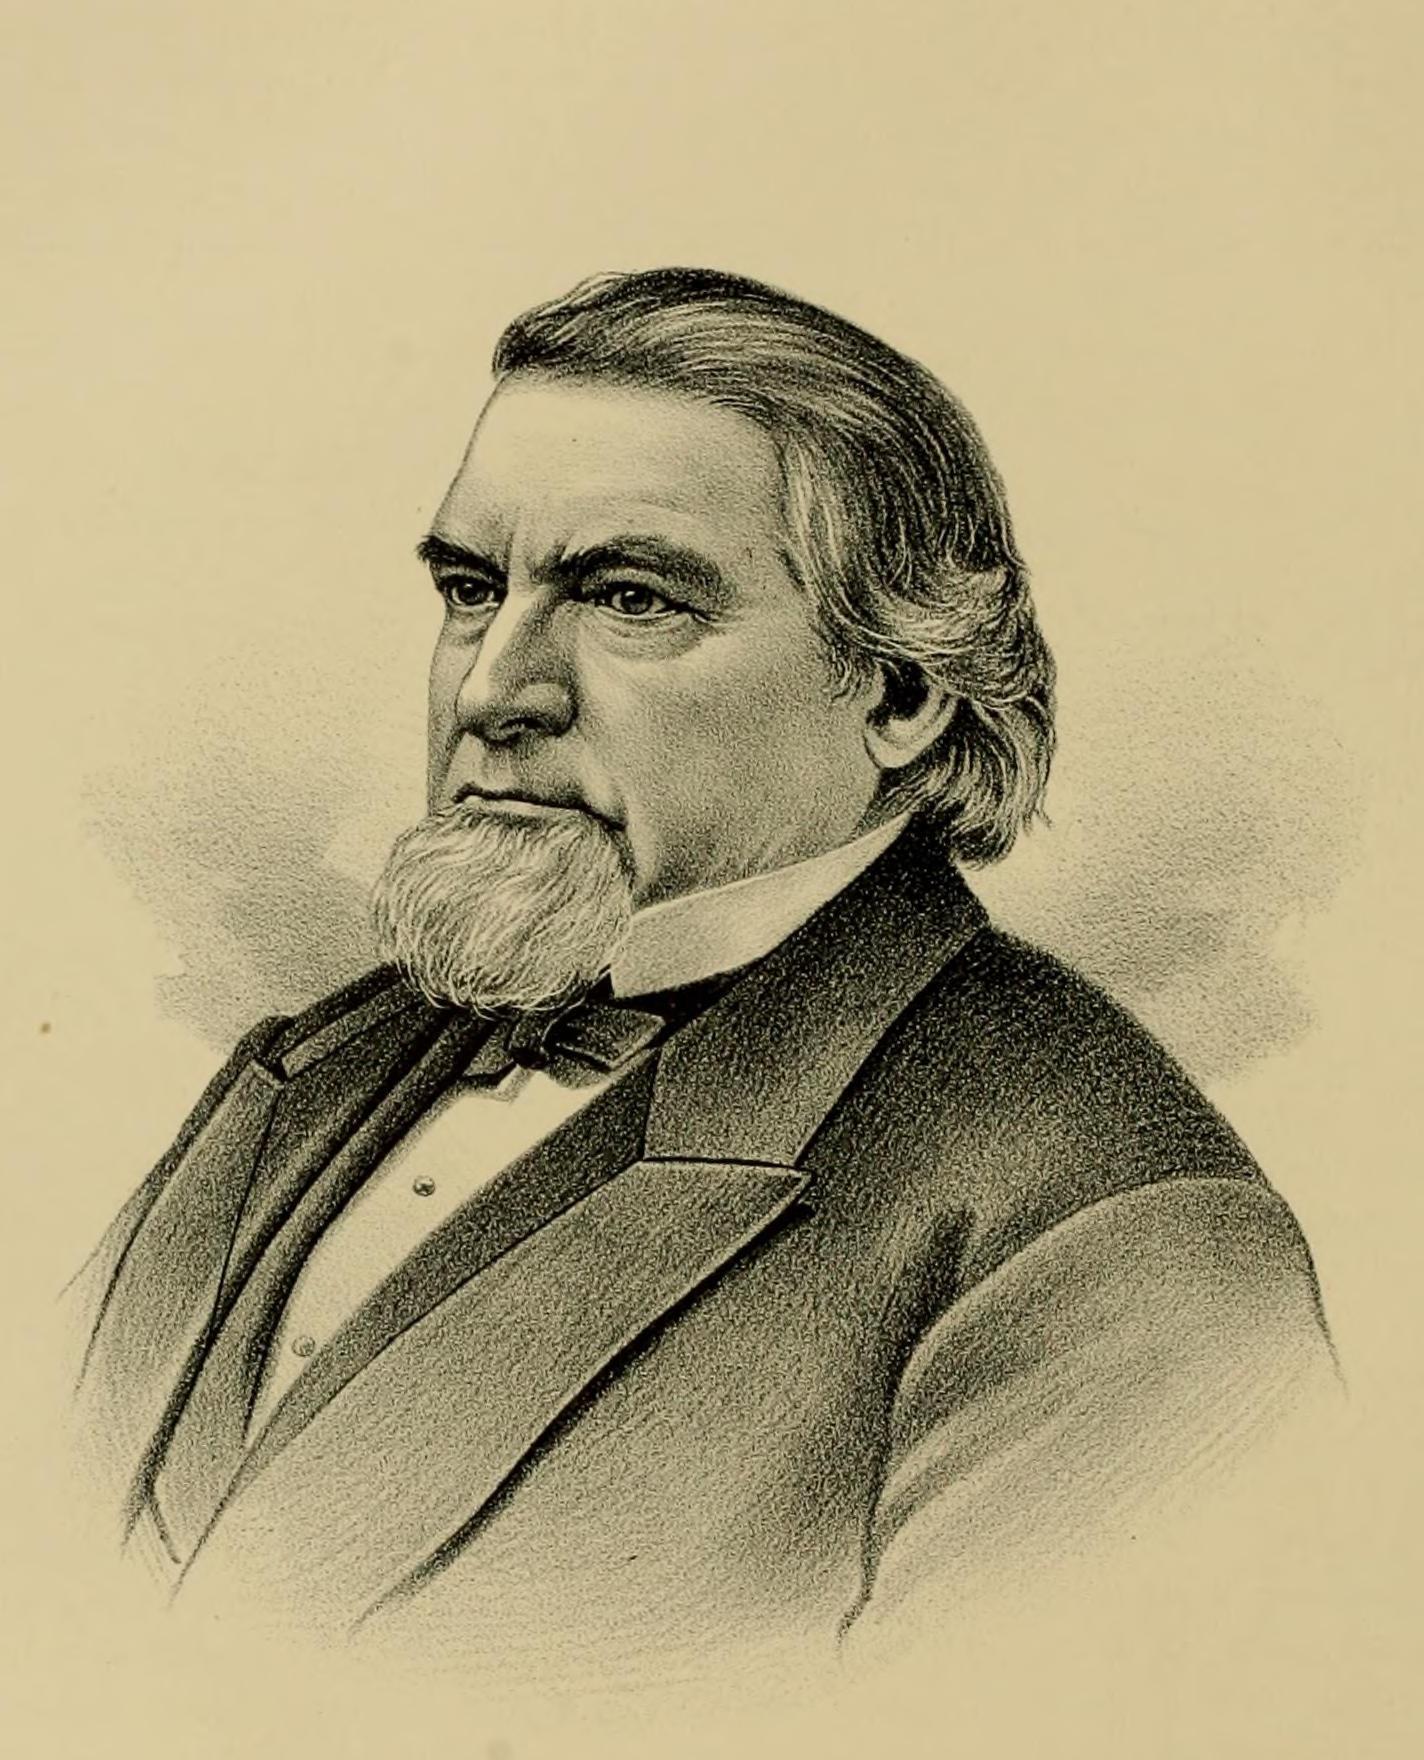 Cadwallader C. Washburn